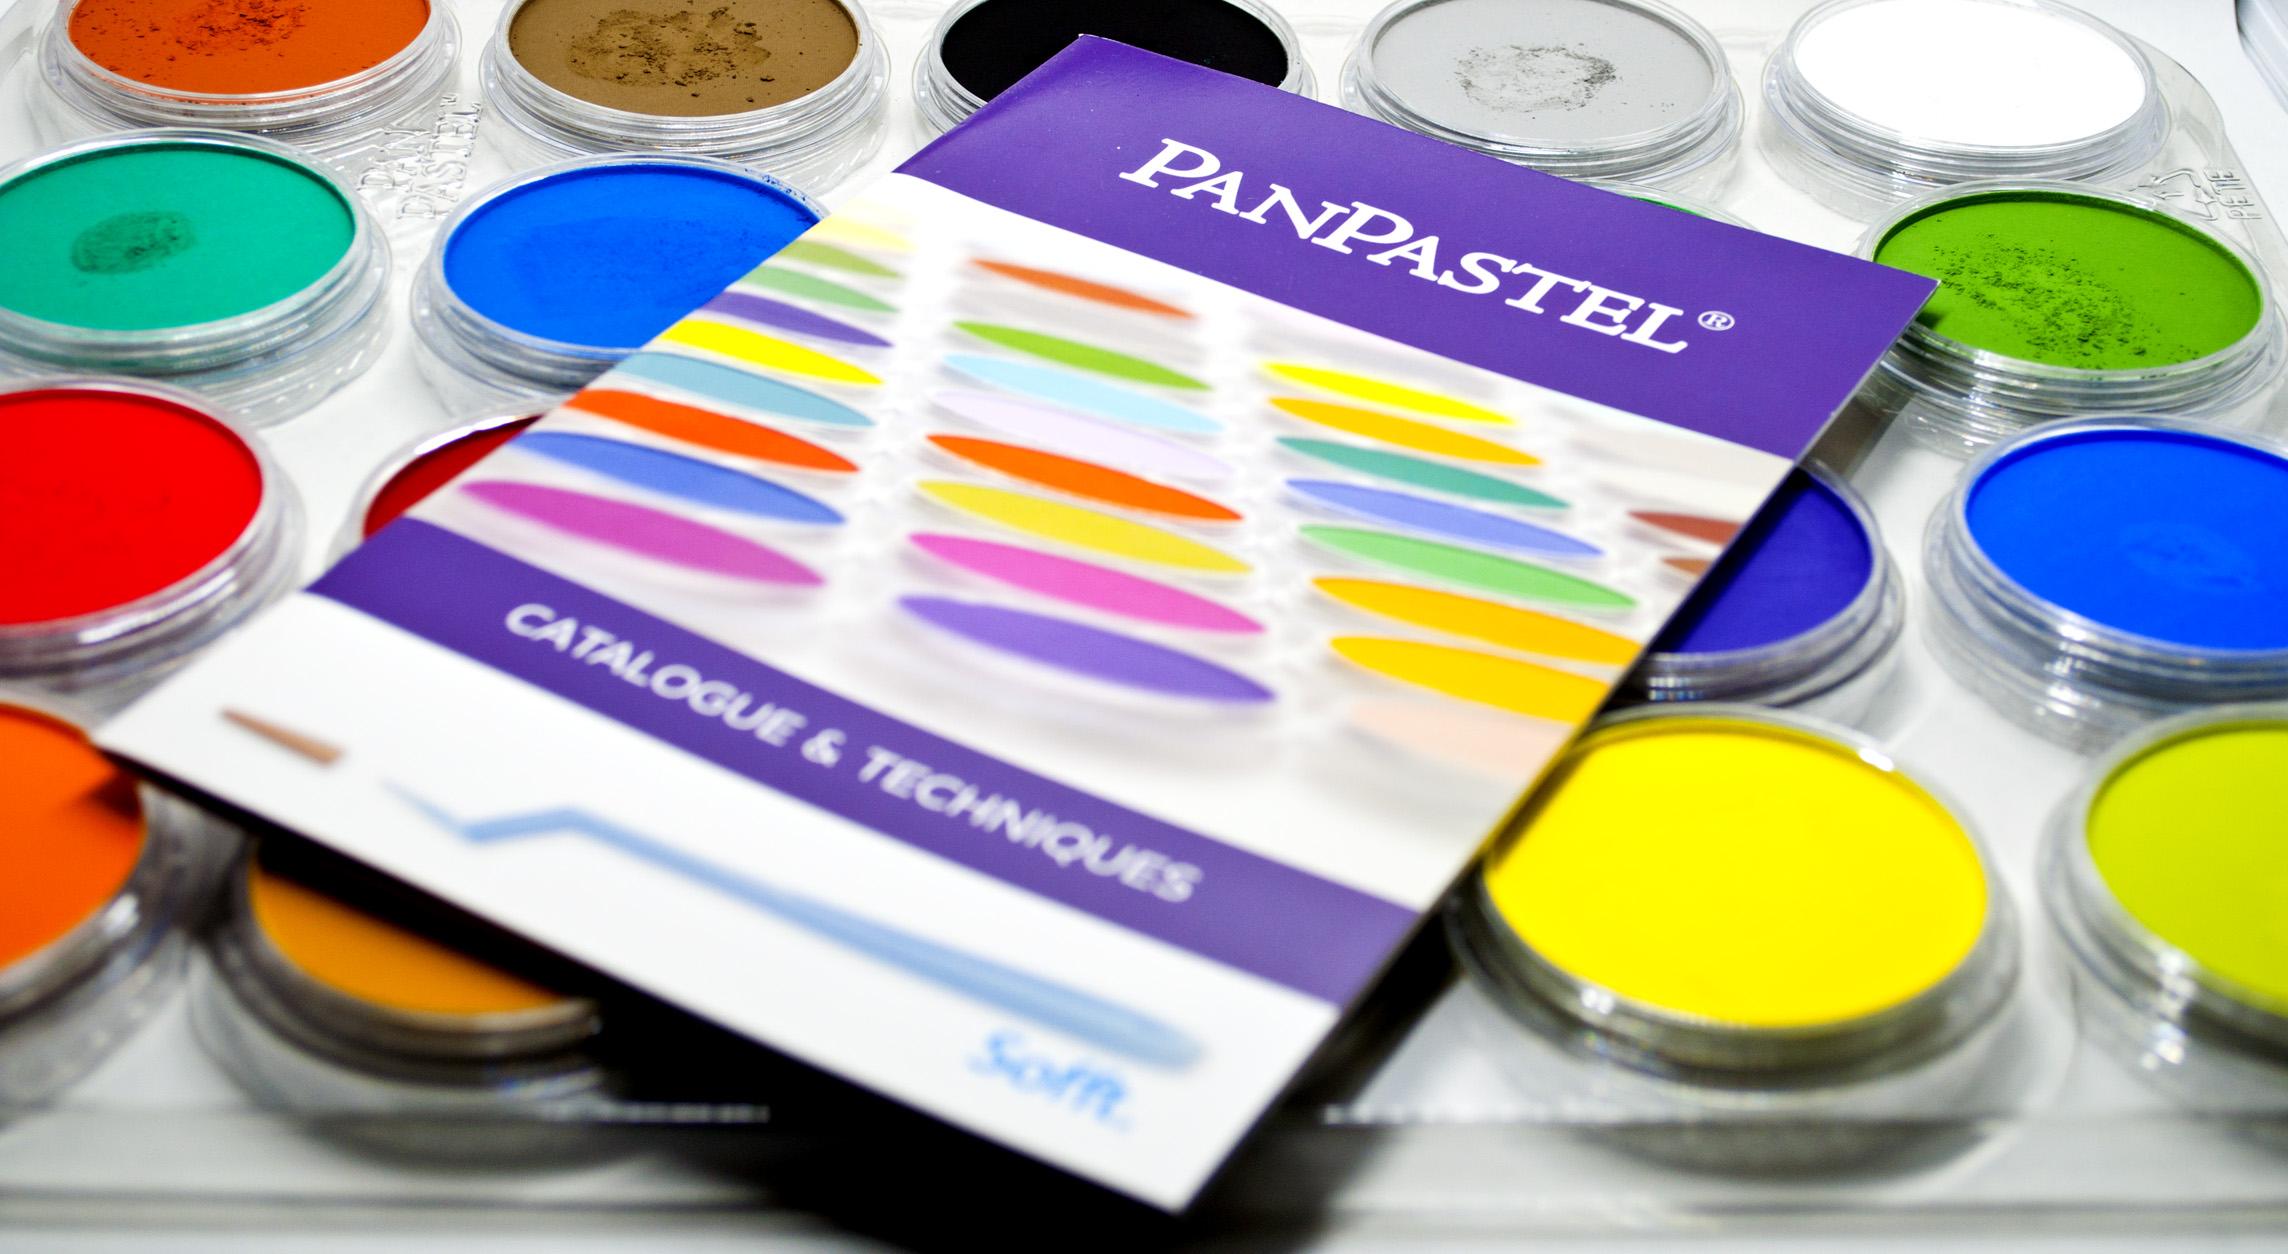 Pan Pastel Booklet.jpg